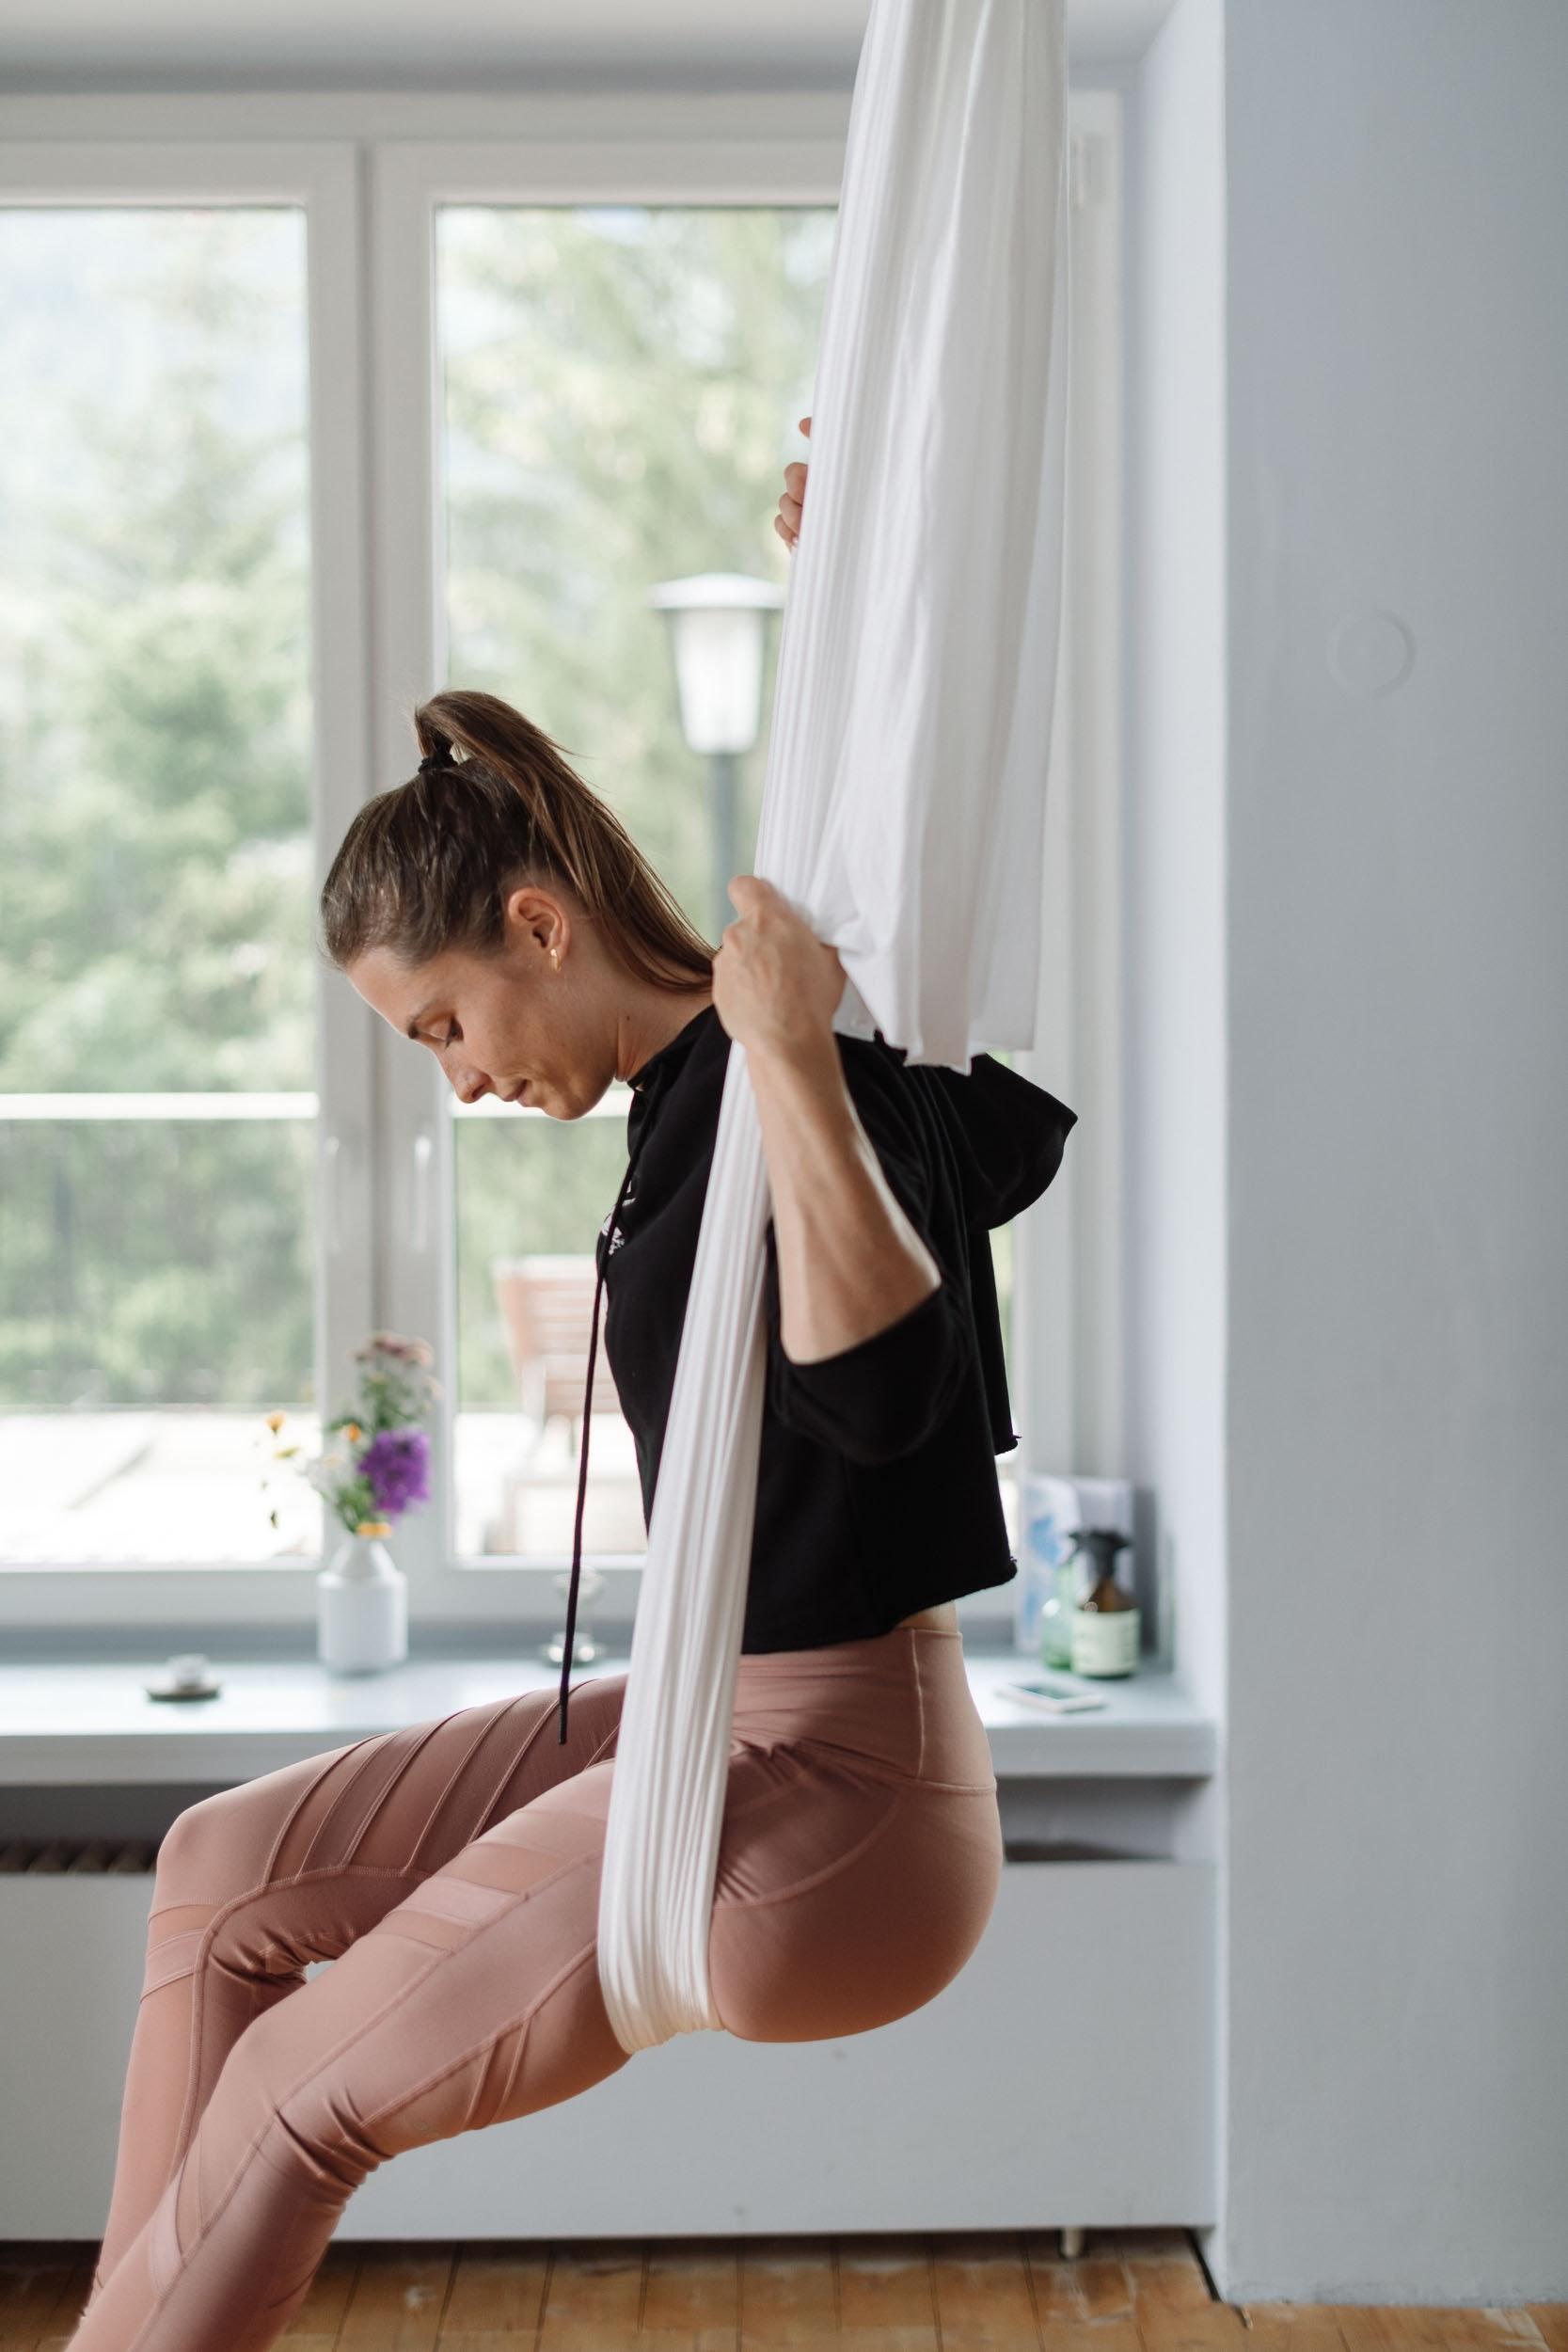 Beim Aerial Yoga im dazugehörigen Tuch schaukeln